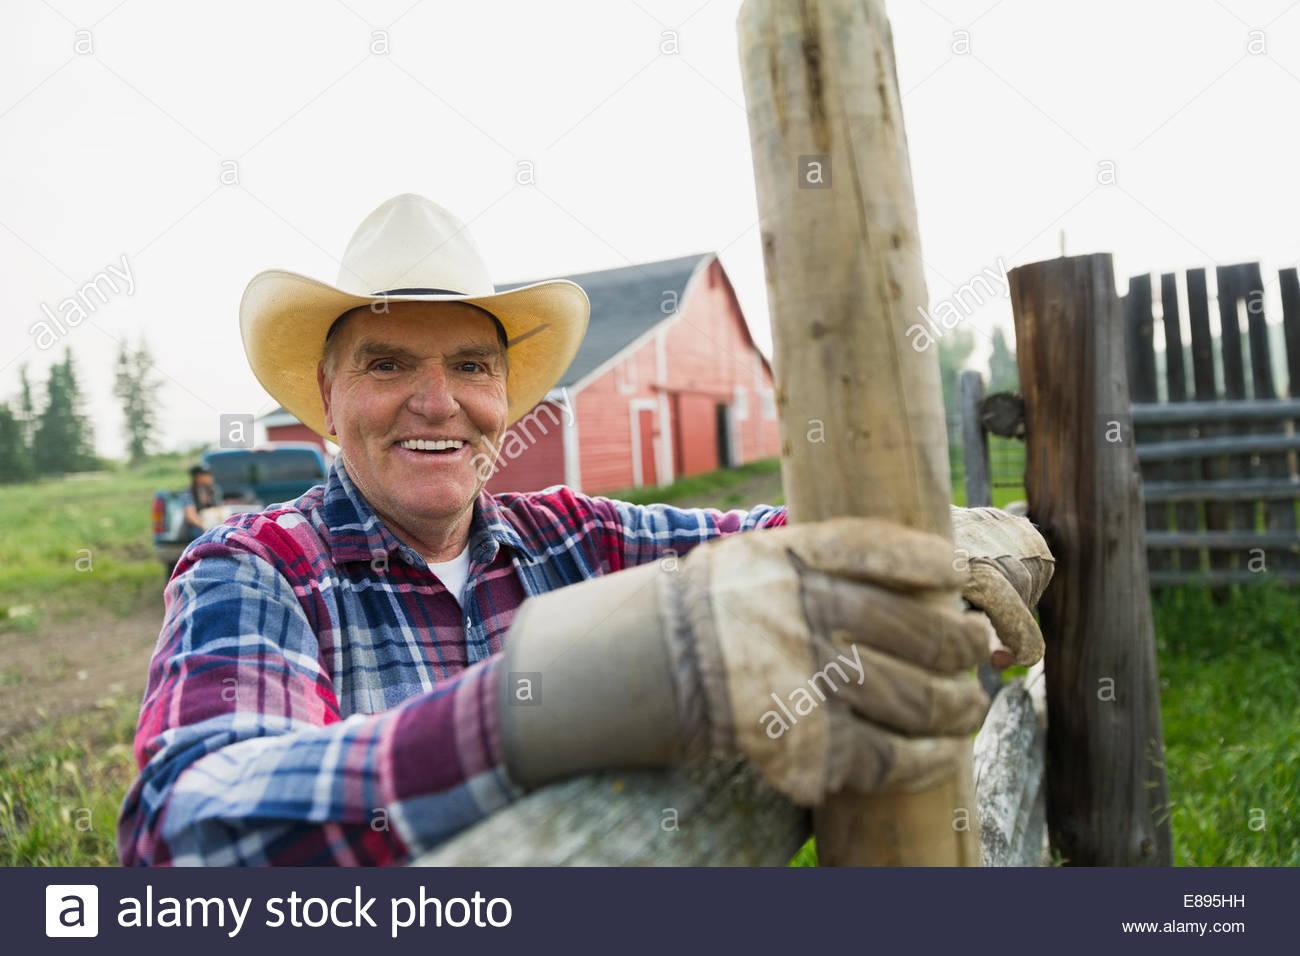 Retrato del ranchero sonriente apoyado en poste de cerca Imagen De Stock